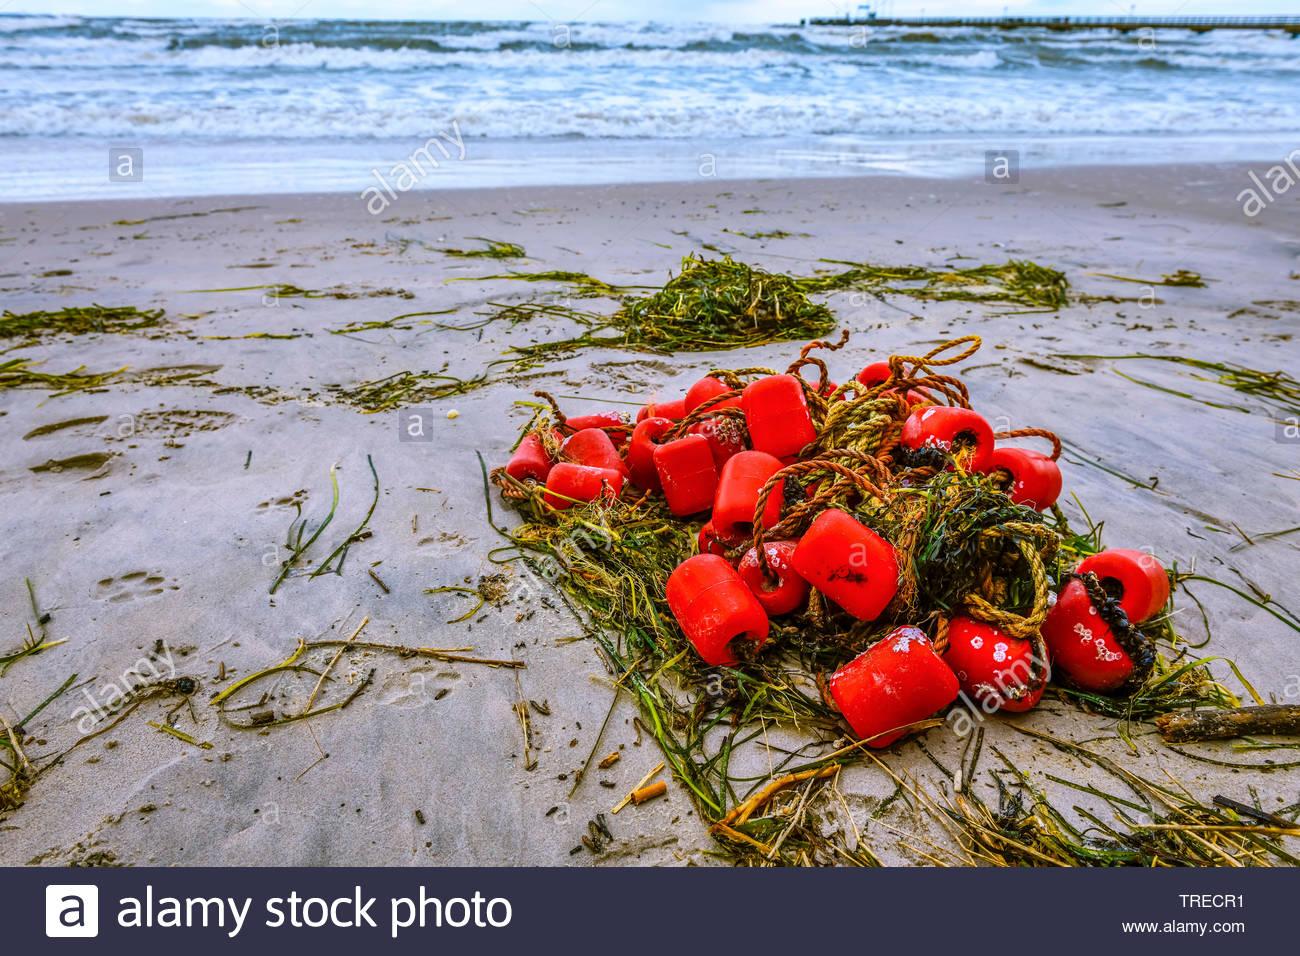 Angespuelte Reste von einem Fischernetz nach Sturm, Deutschland, Schleswig-Holstein, Scharbeutz   wash up fishing net at the coast after storm, German - Stock Image